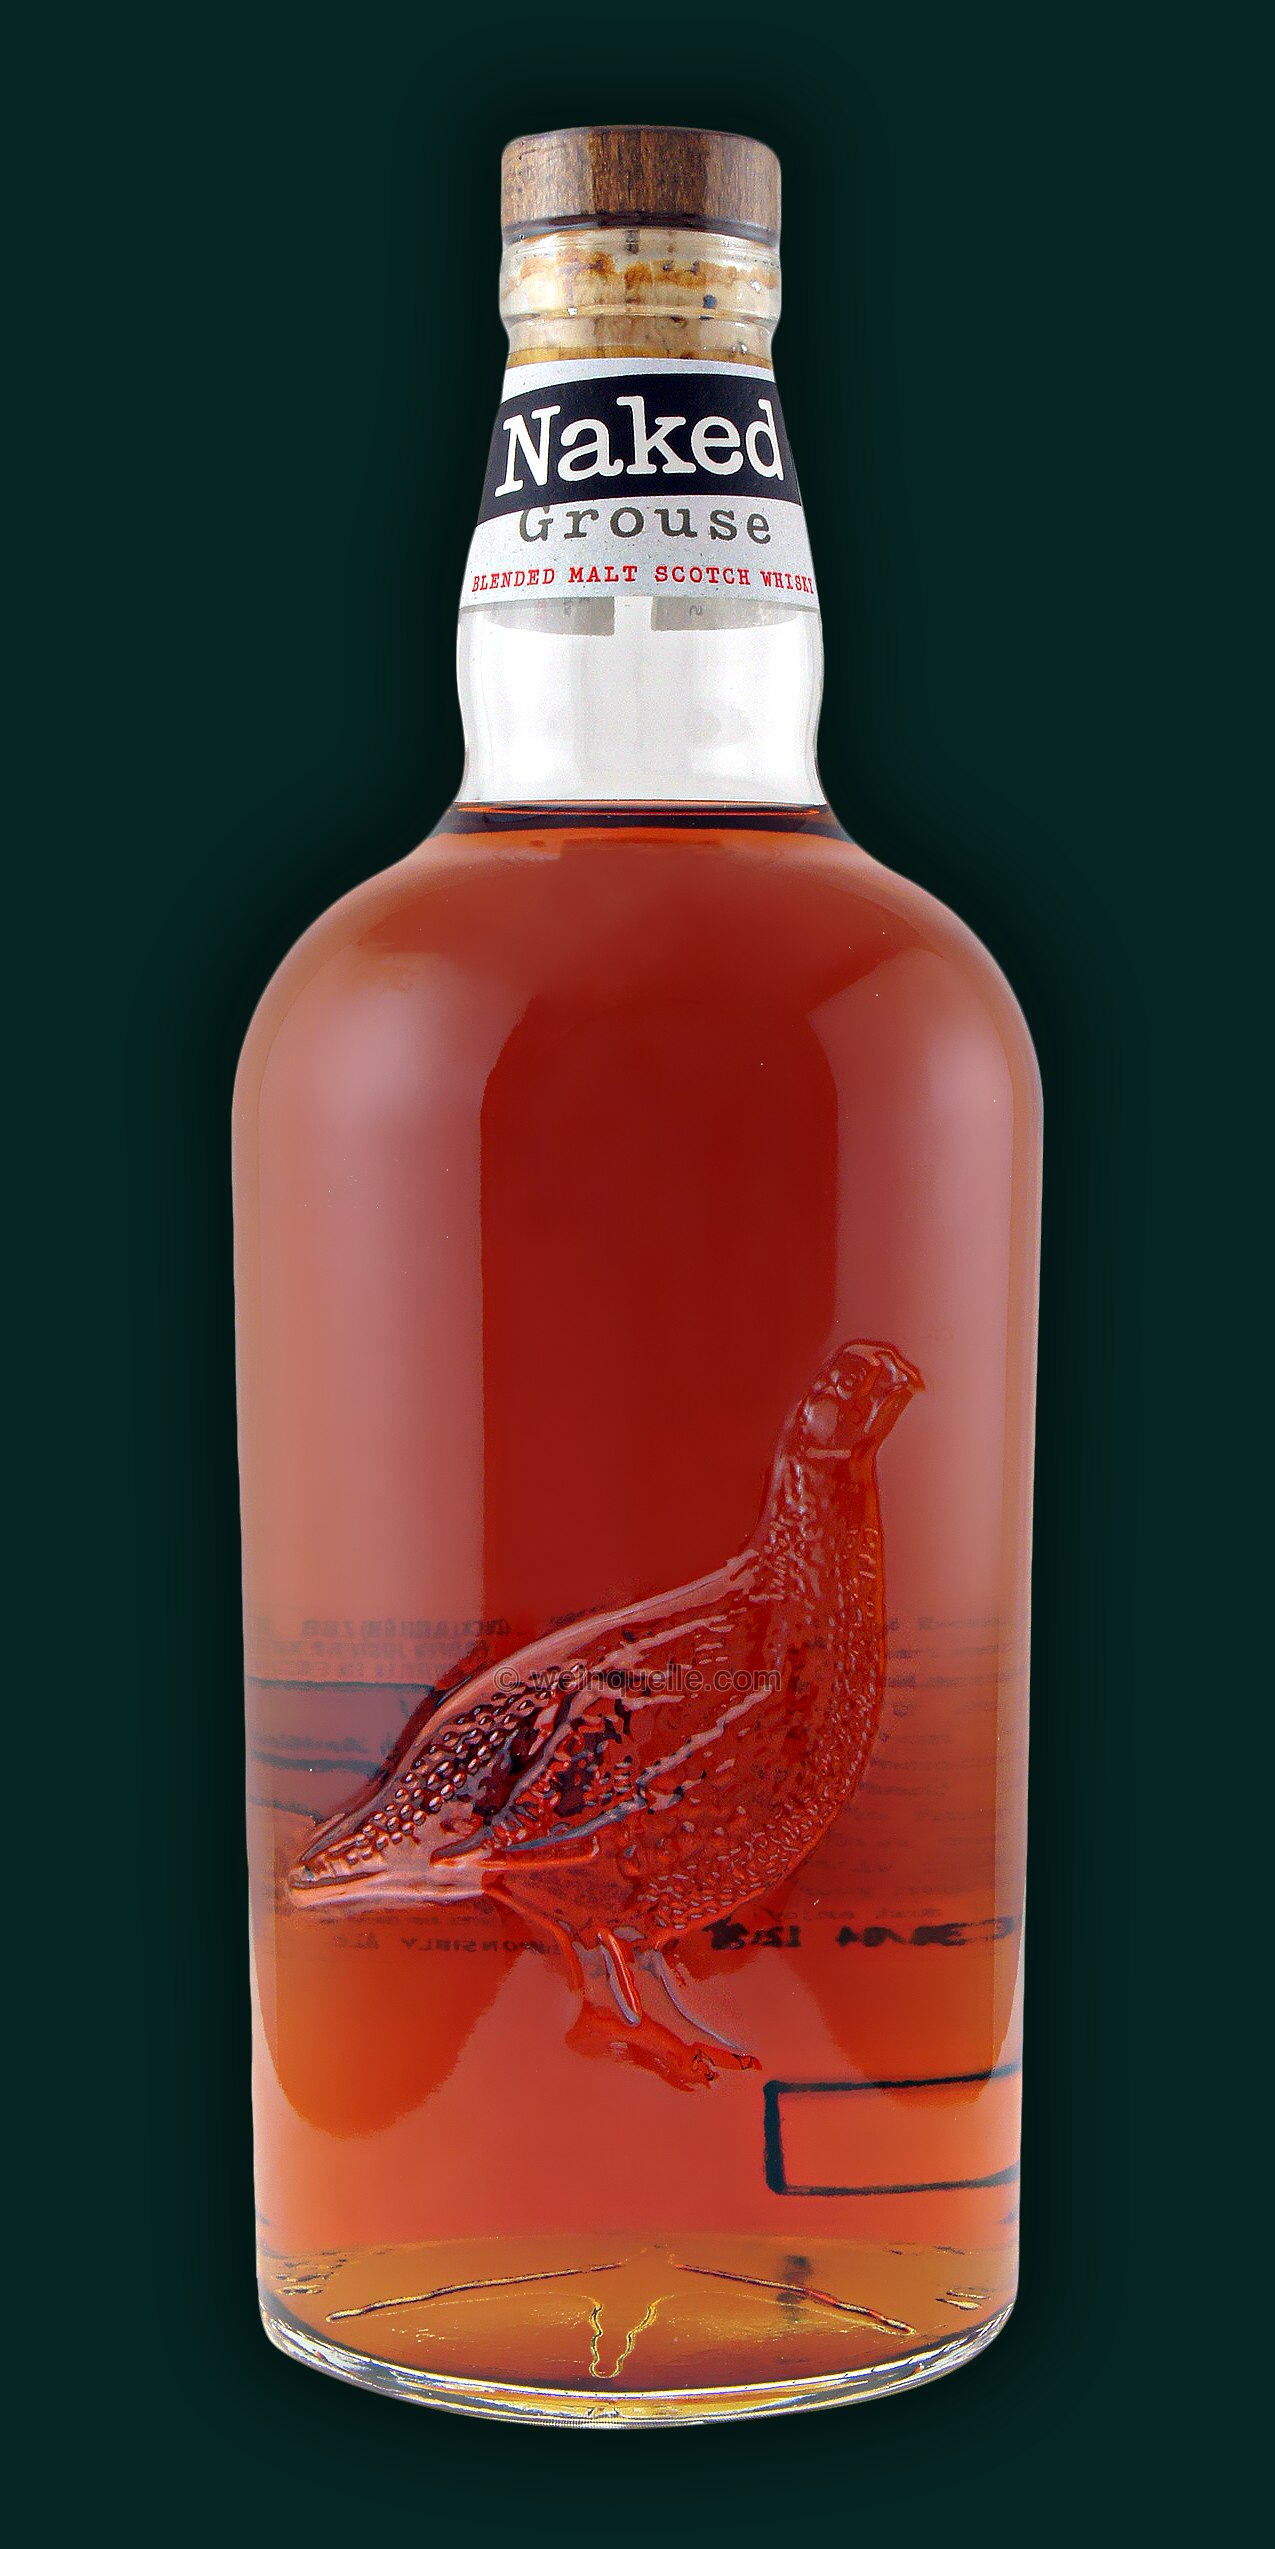 The Naked Grouse Whisky - Master of Malt